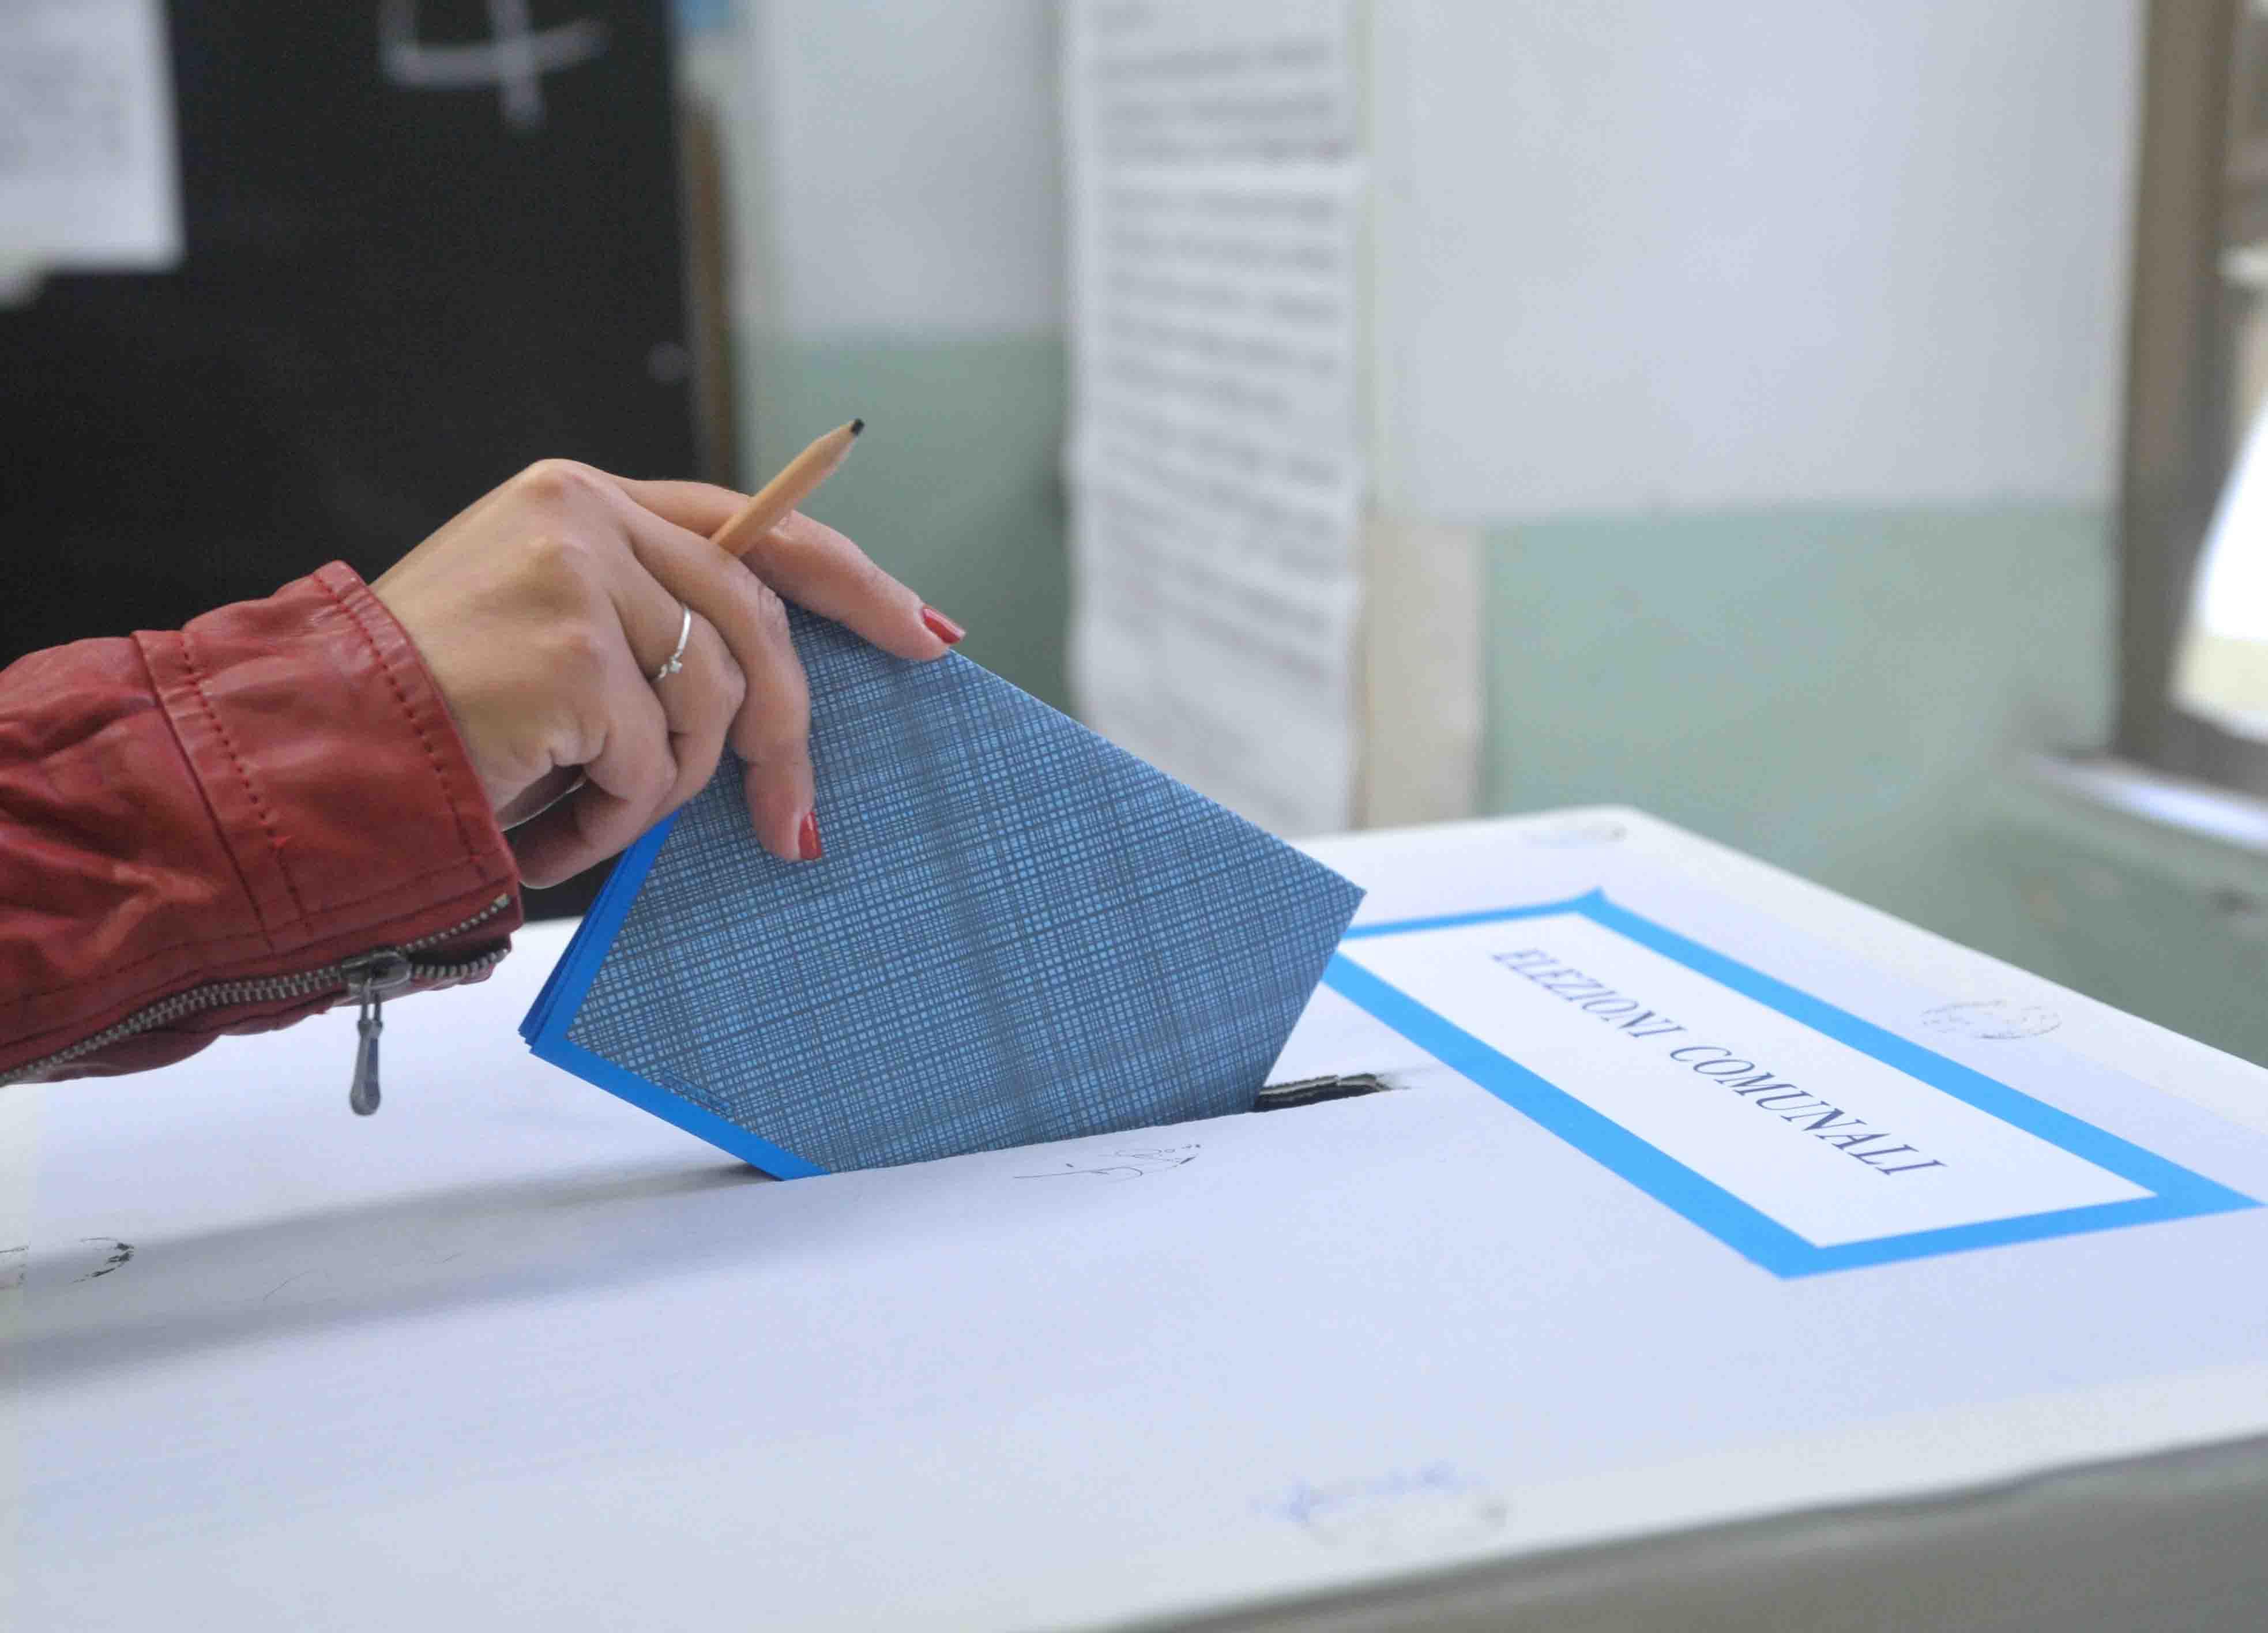 Cologno verso il voto: acque agitate anche nel Centrodestra